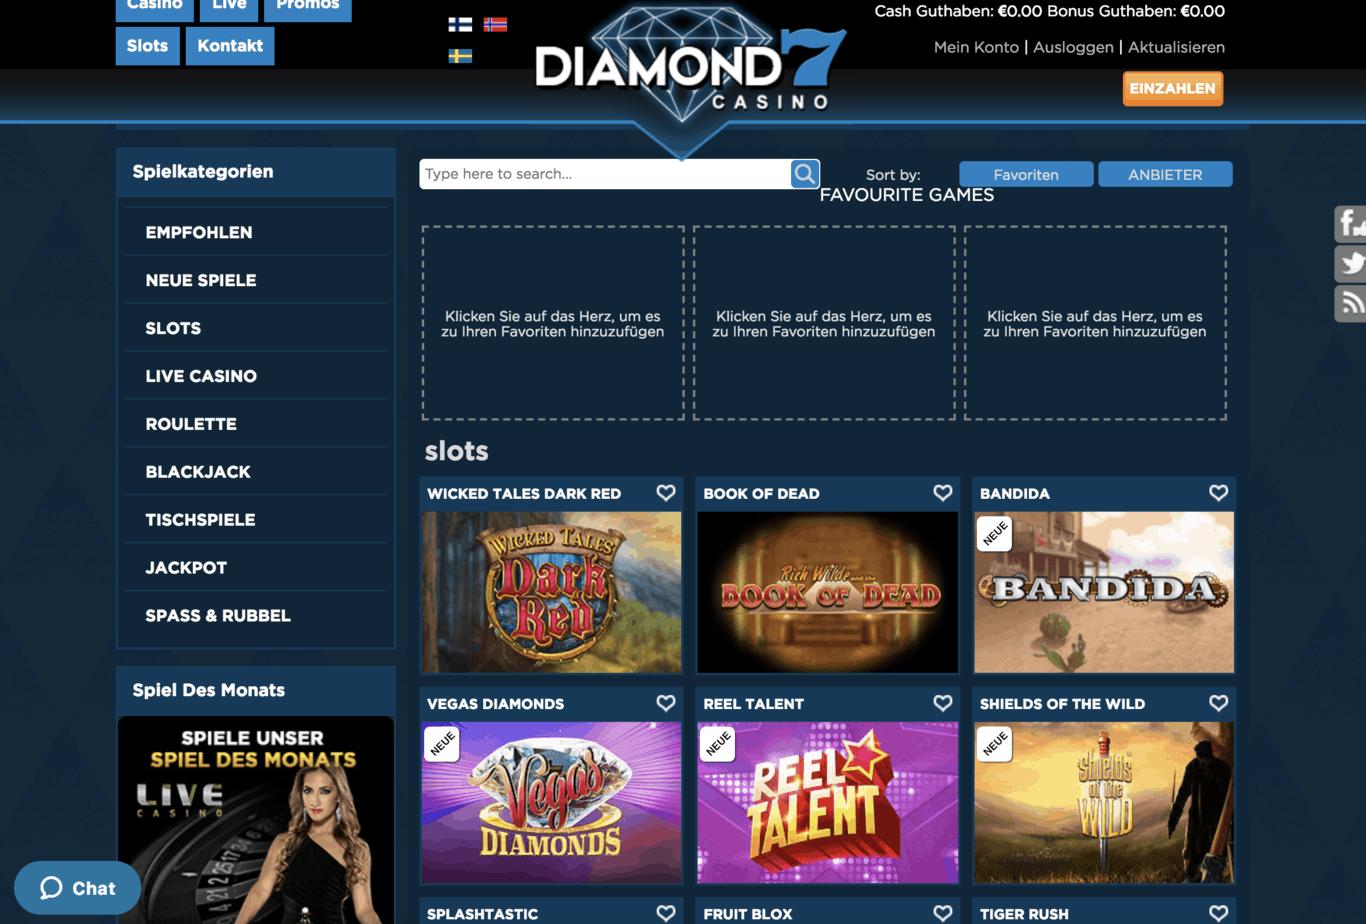 Diamond 7 Casino Game Lobby Screenshot